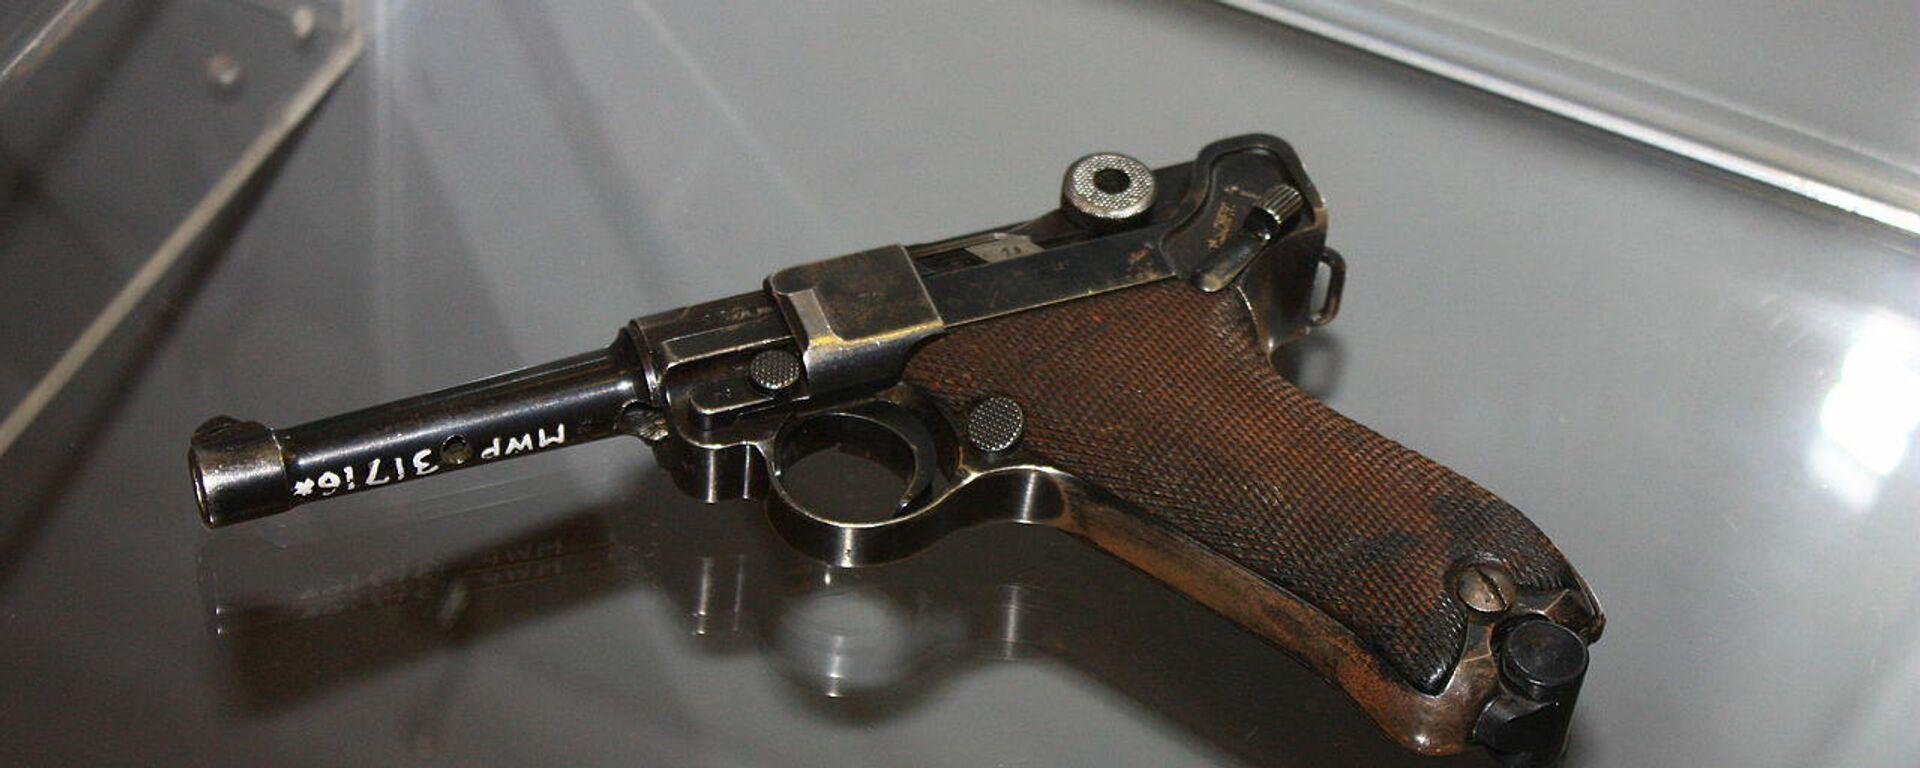 Pistole (Symbolbild) - SNA, 1920, 13.05.2021